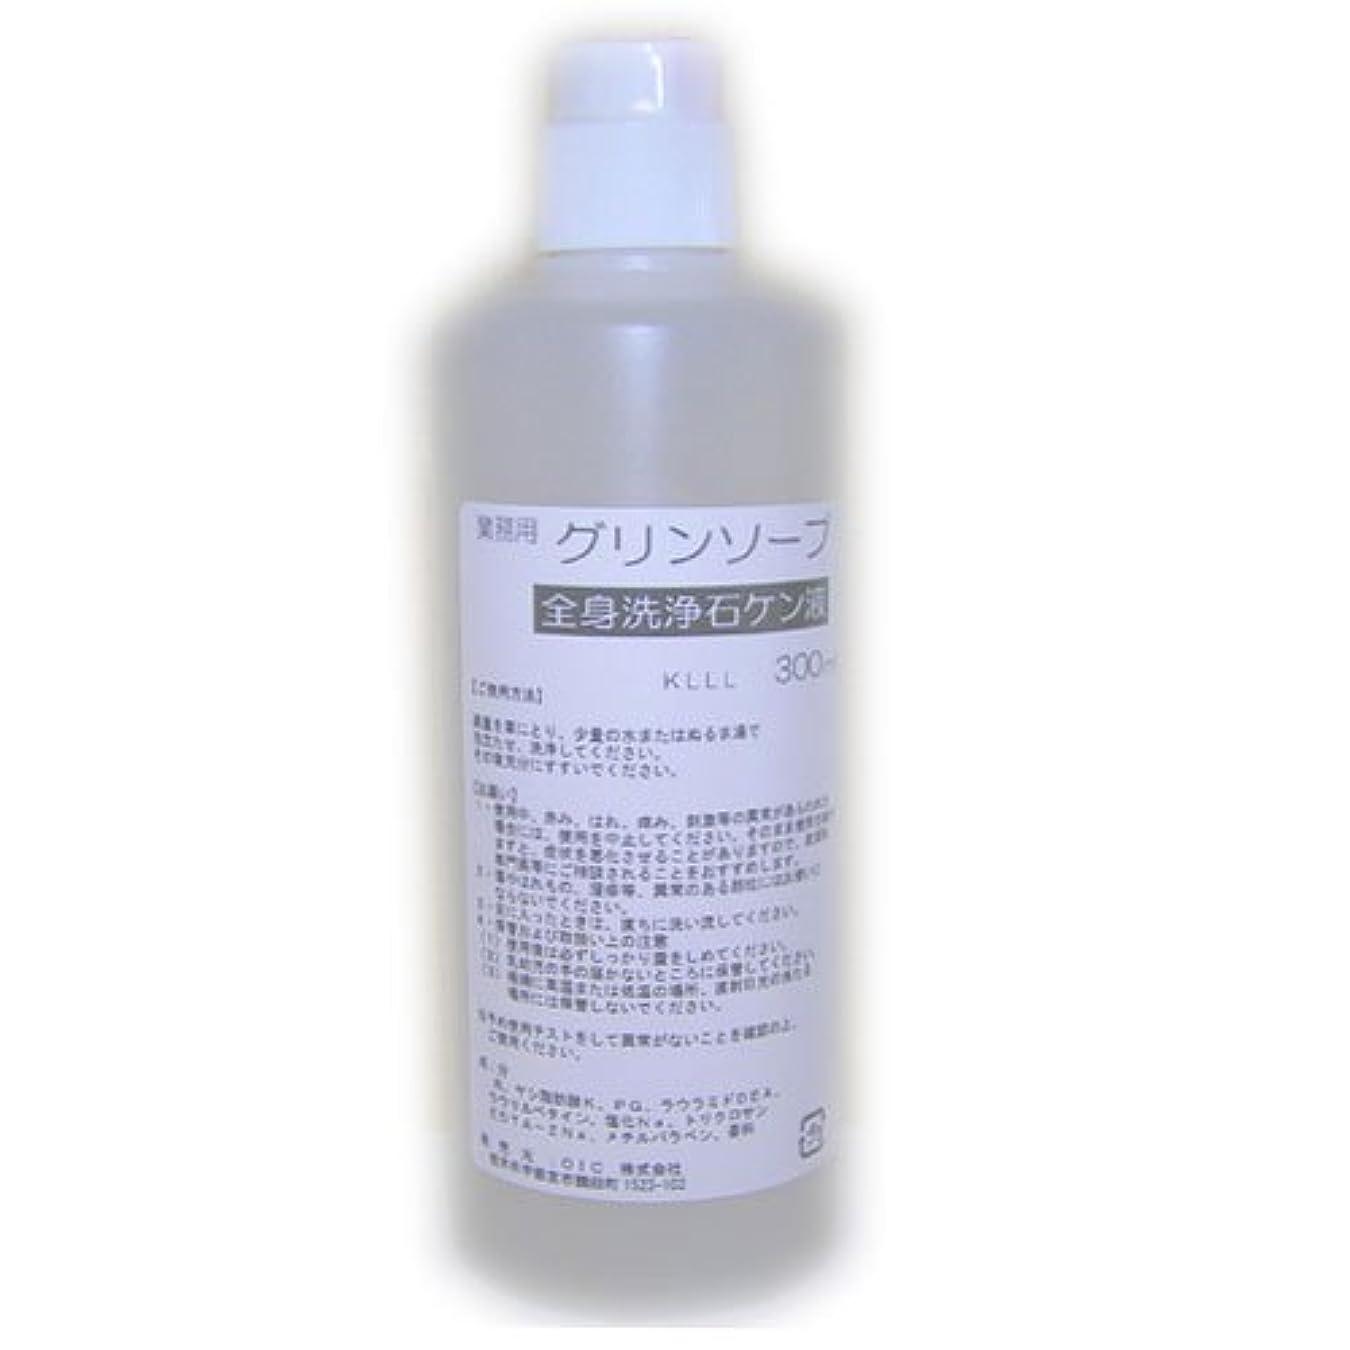 明確なアライアンスうれしい業務用ボディソープ 殺菌成分配合?消毒石鹸液 グリンソープ (300ml)